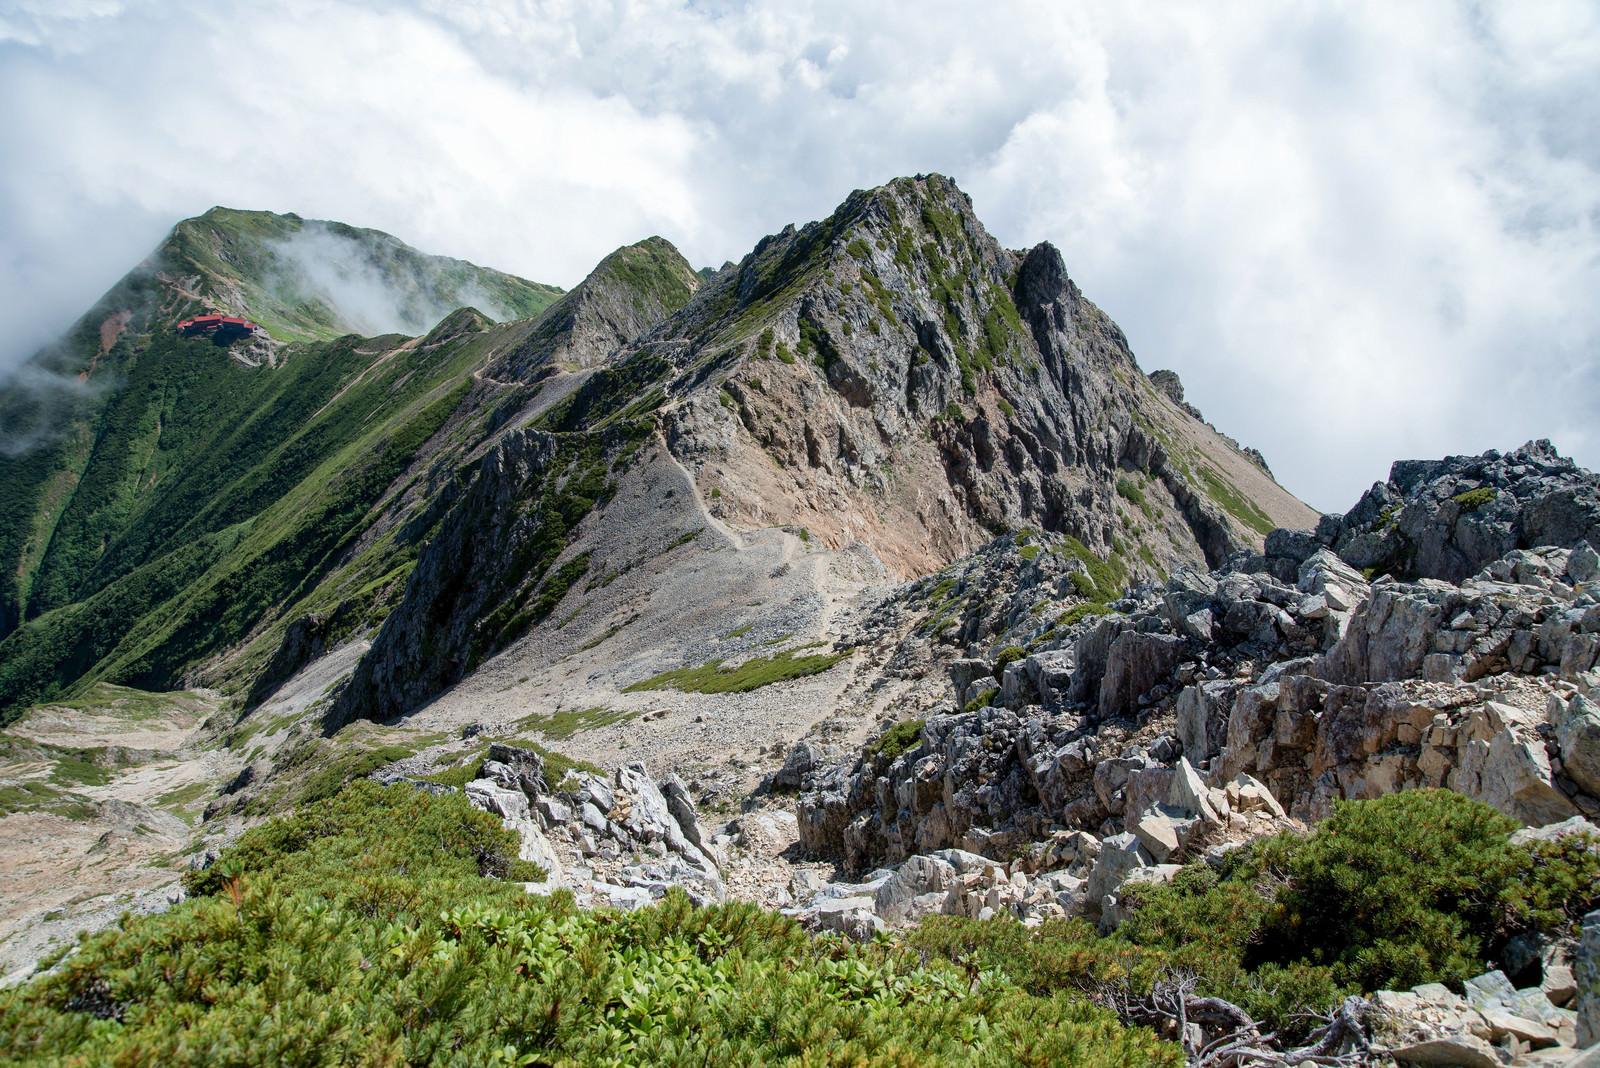 岩場の登山道を抜けた先にある山小屋のフリー素材